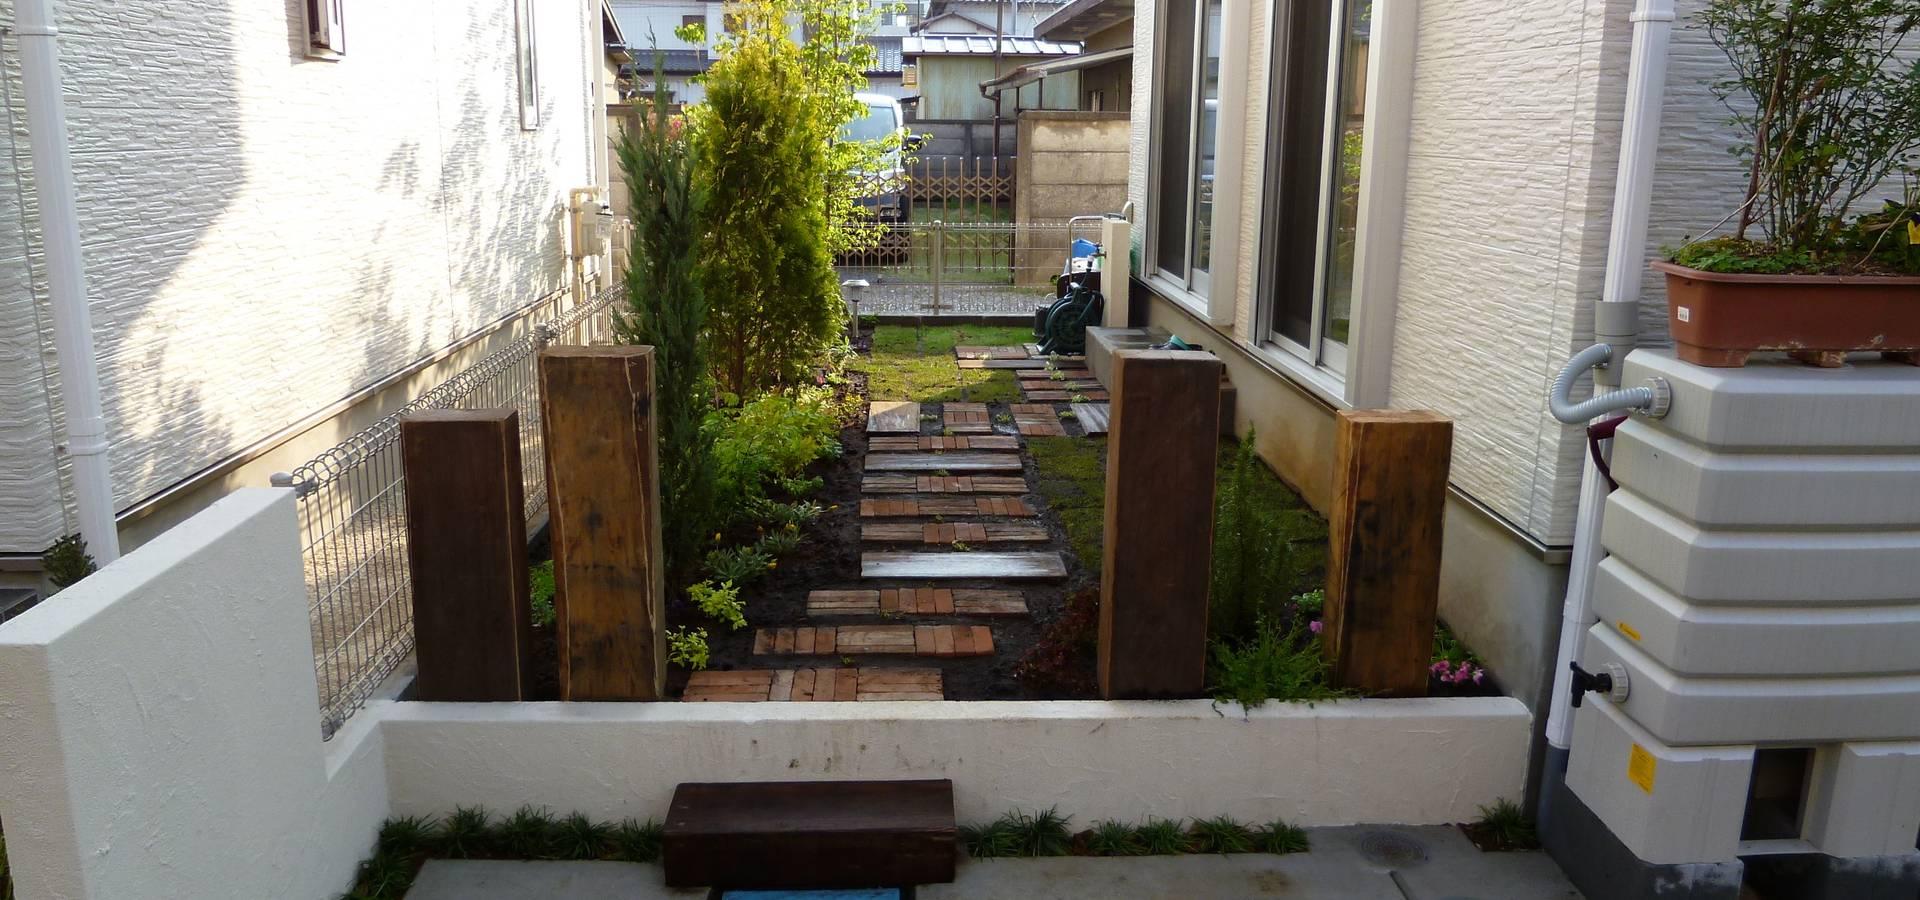 パサニアガーデン うさぎの庭